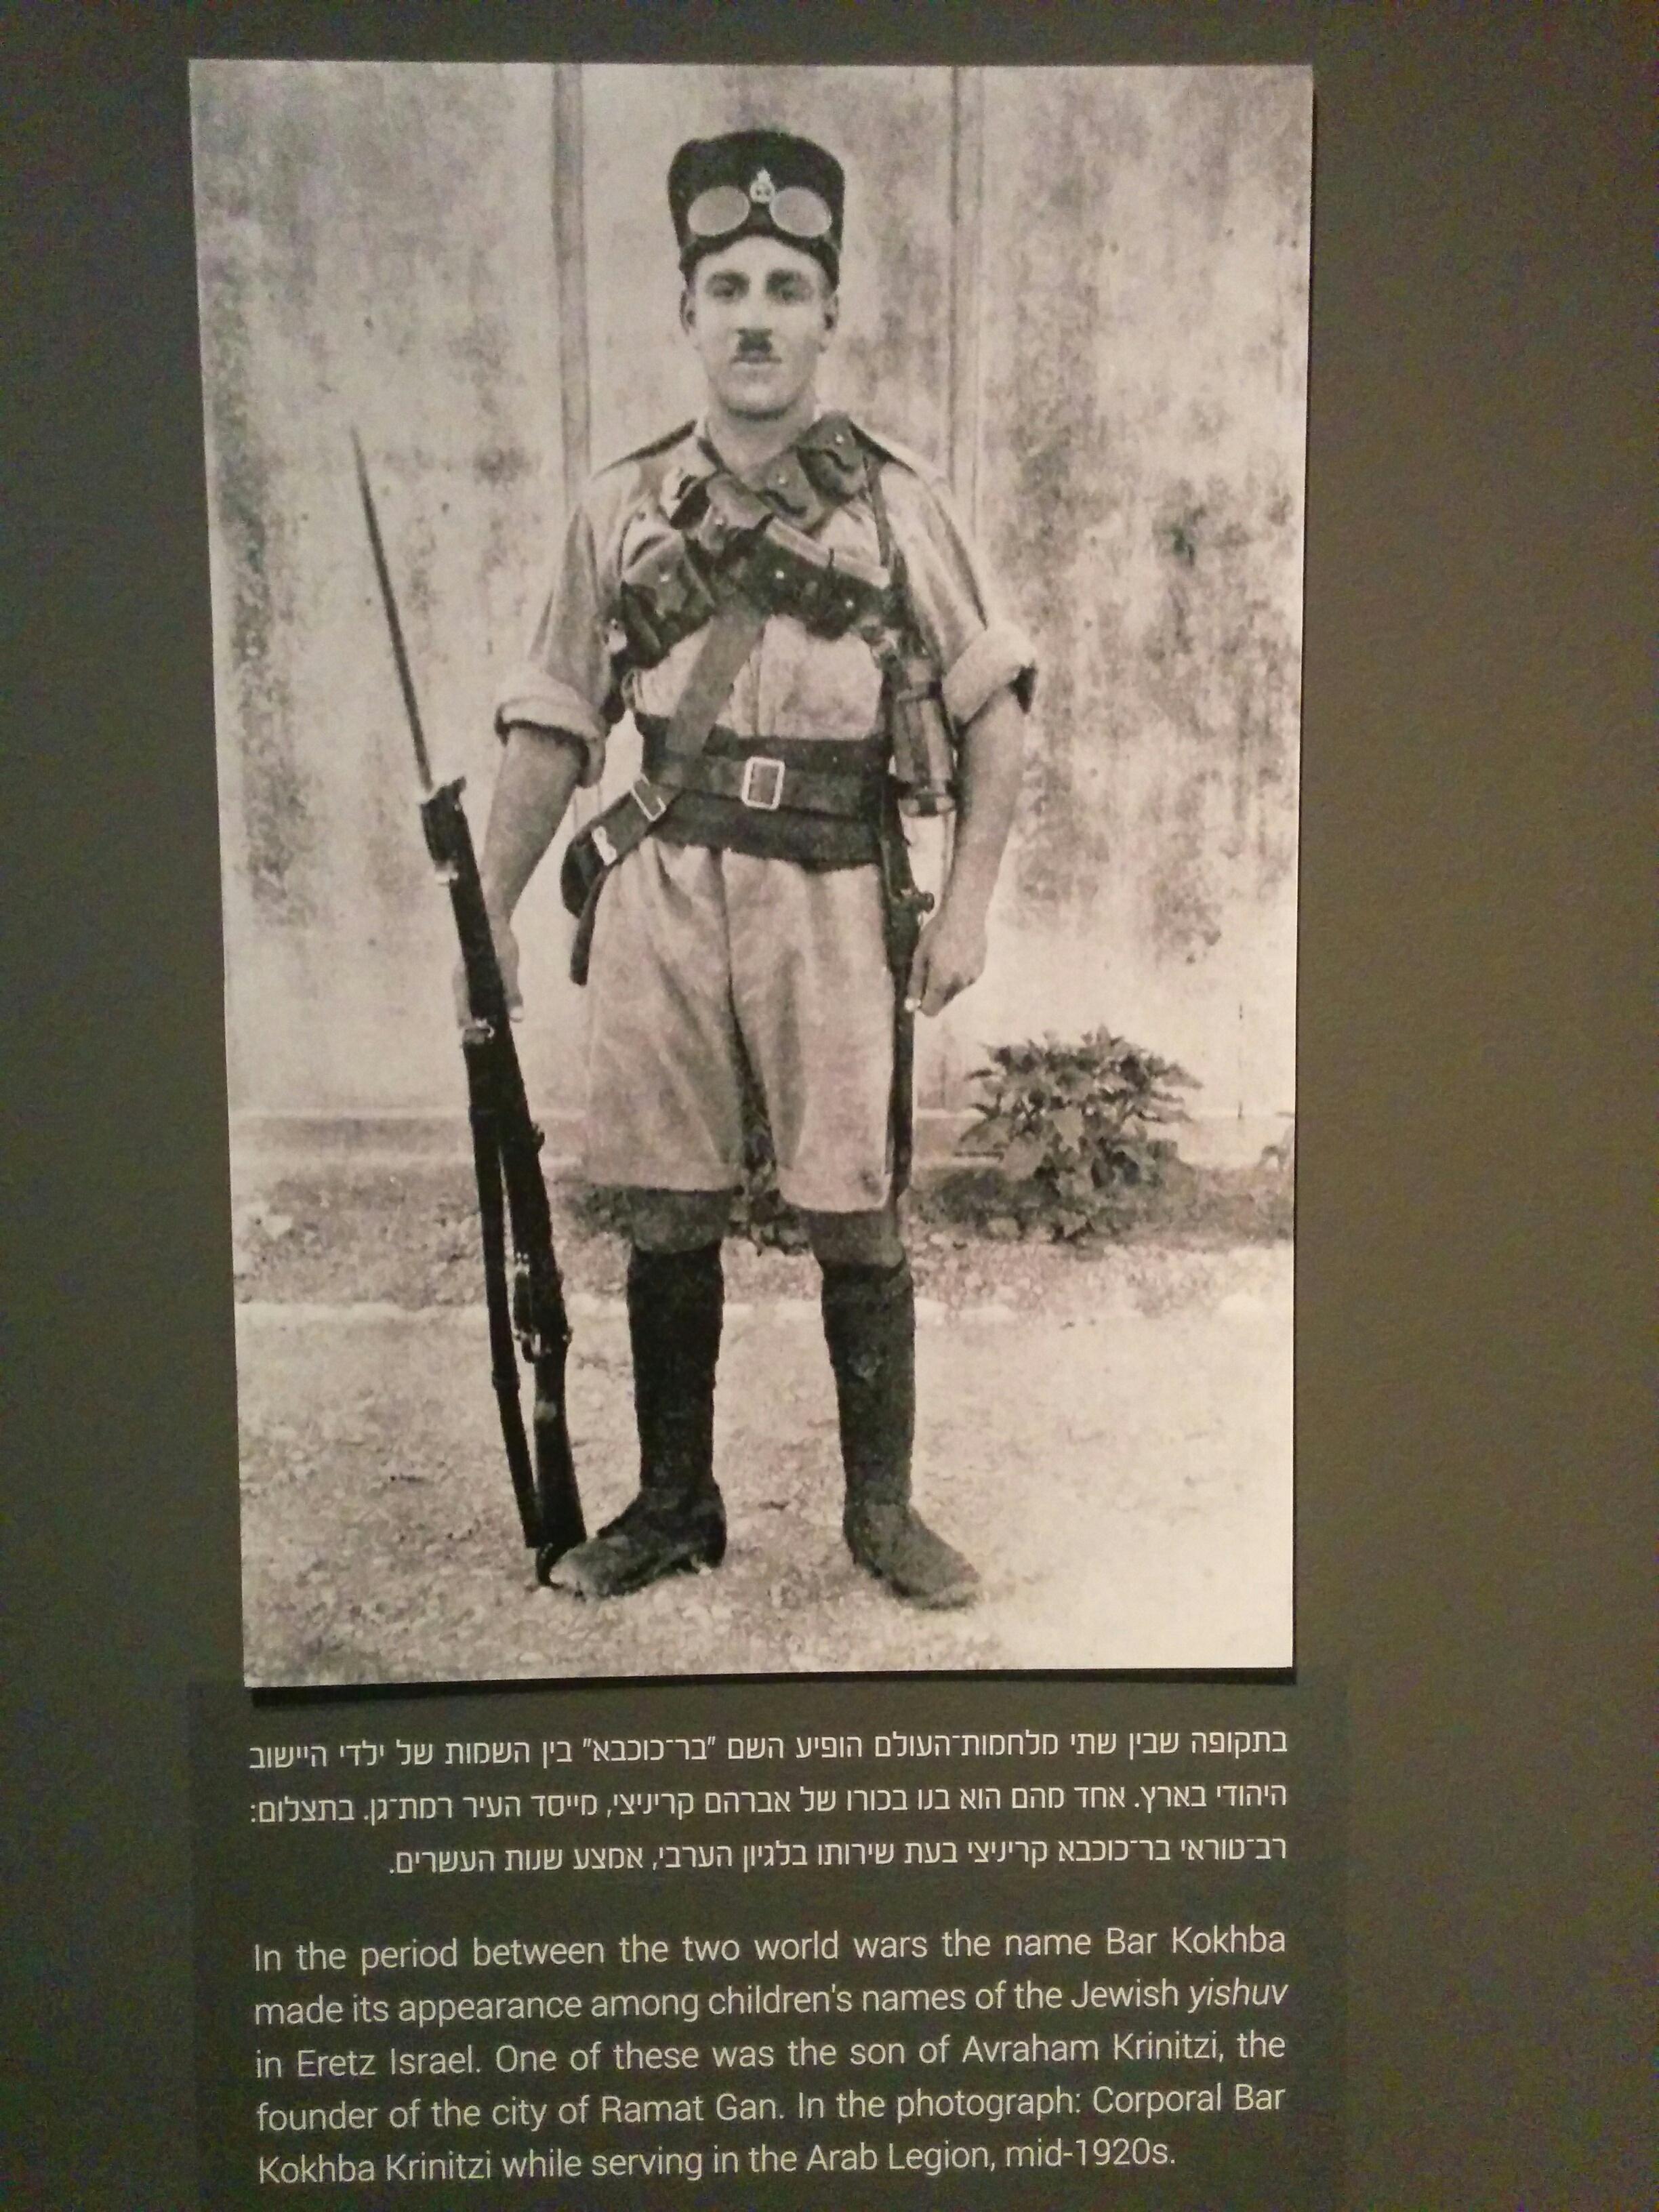 Bar Kokhba as a name - Shimon Bar Kokhba - Eretz Israel Museum